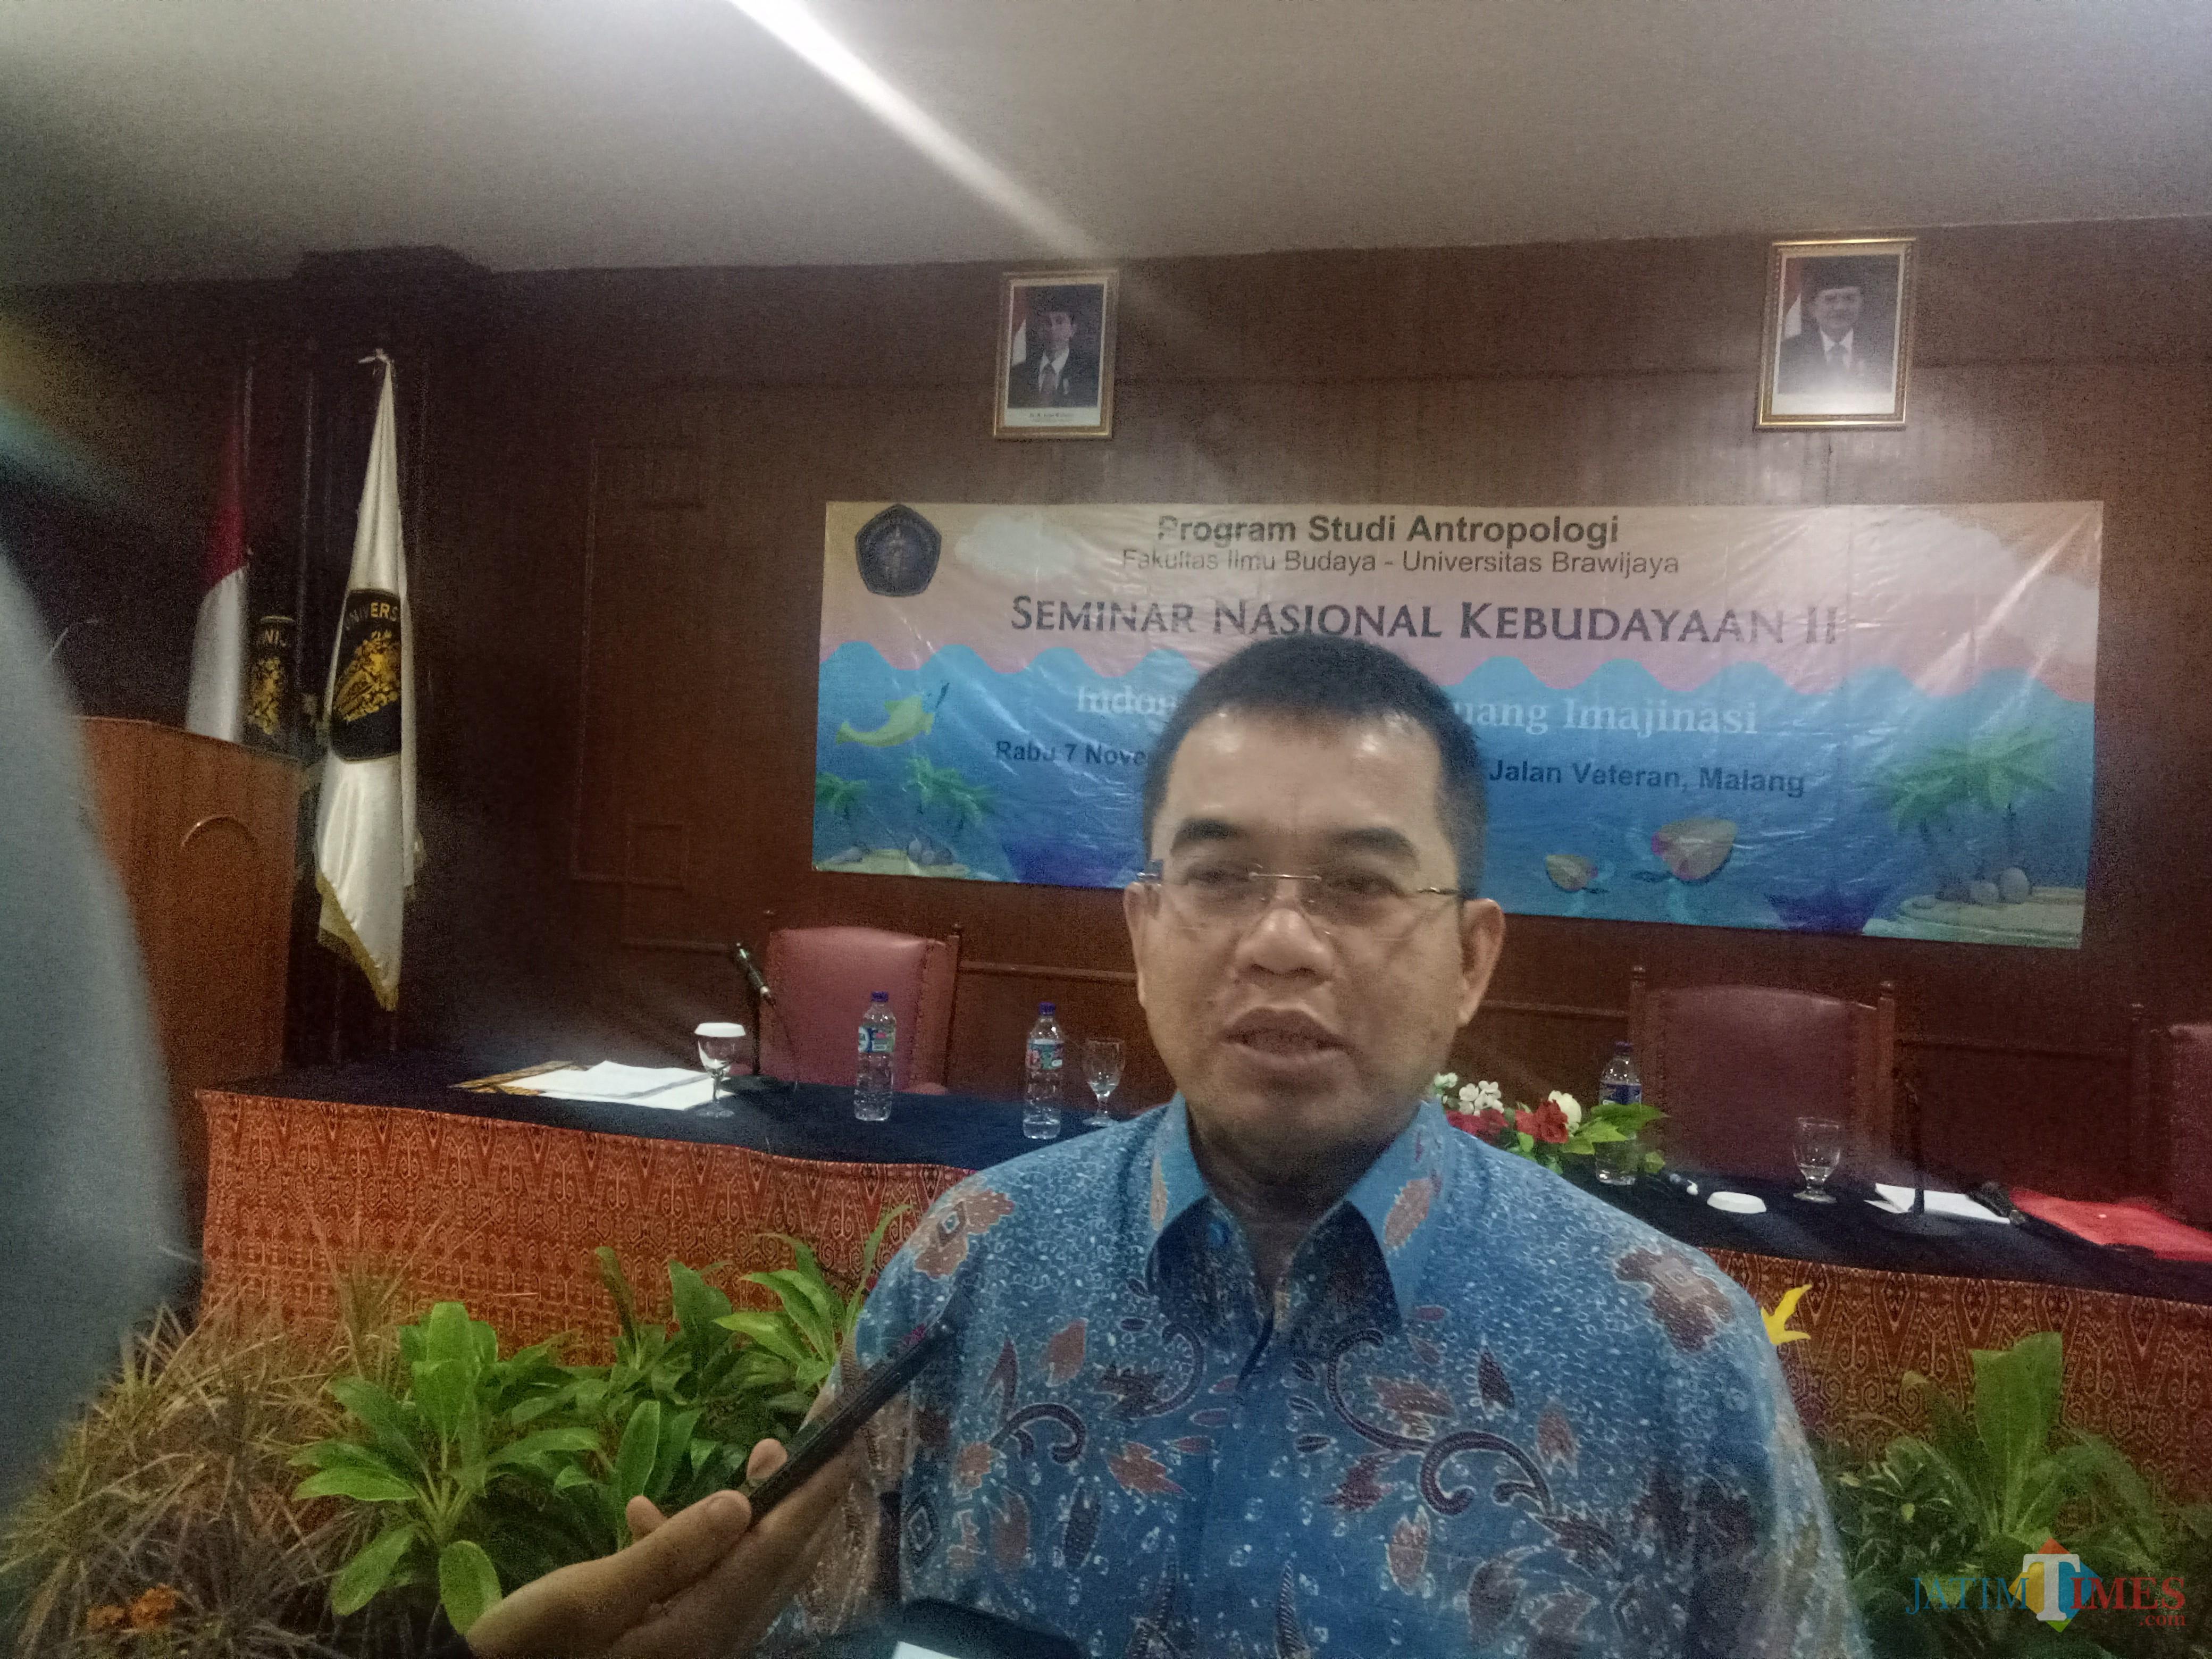 Mantan Kepala Badan Pembinaan Ideologi PancasilaYudi Latief PhD (foto: Imarotul Izzah/Malang Times)